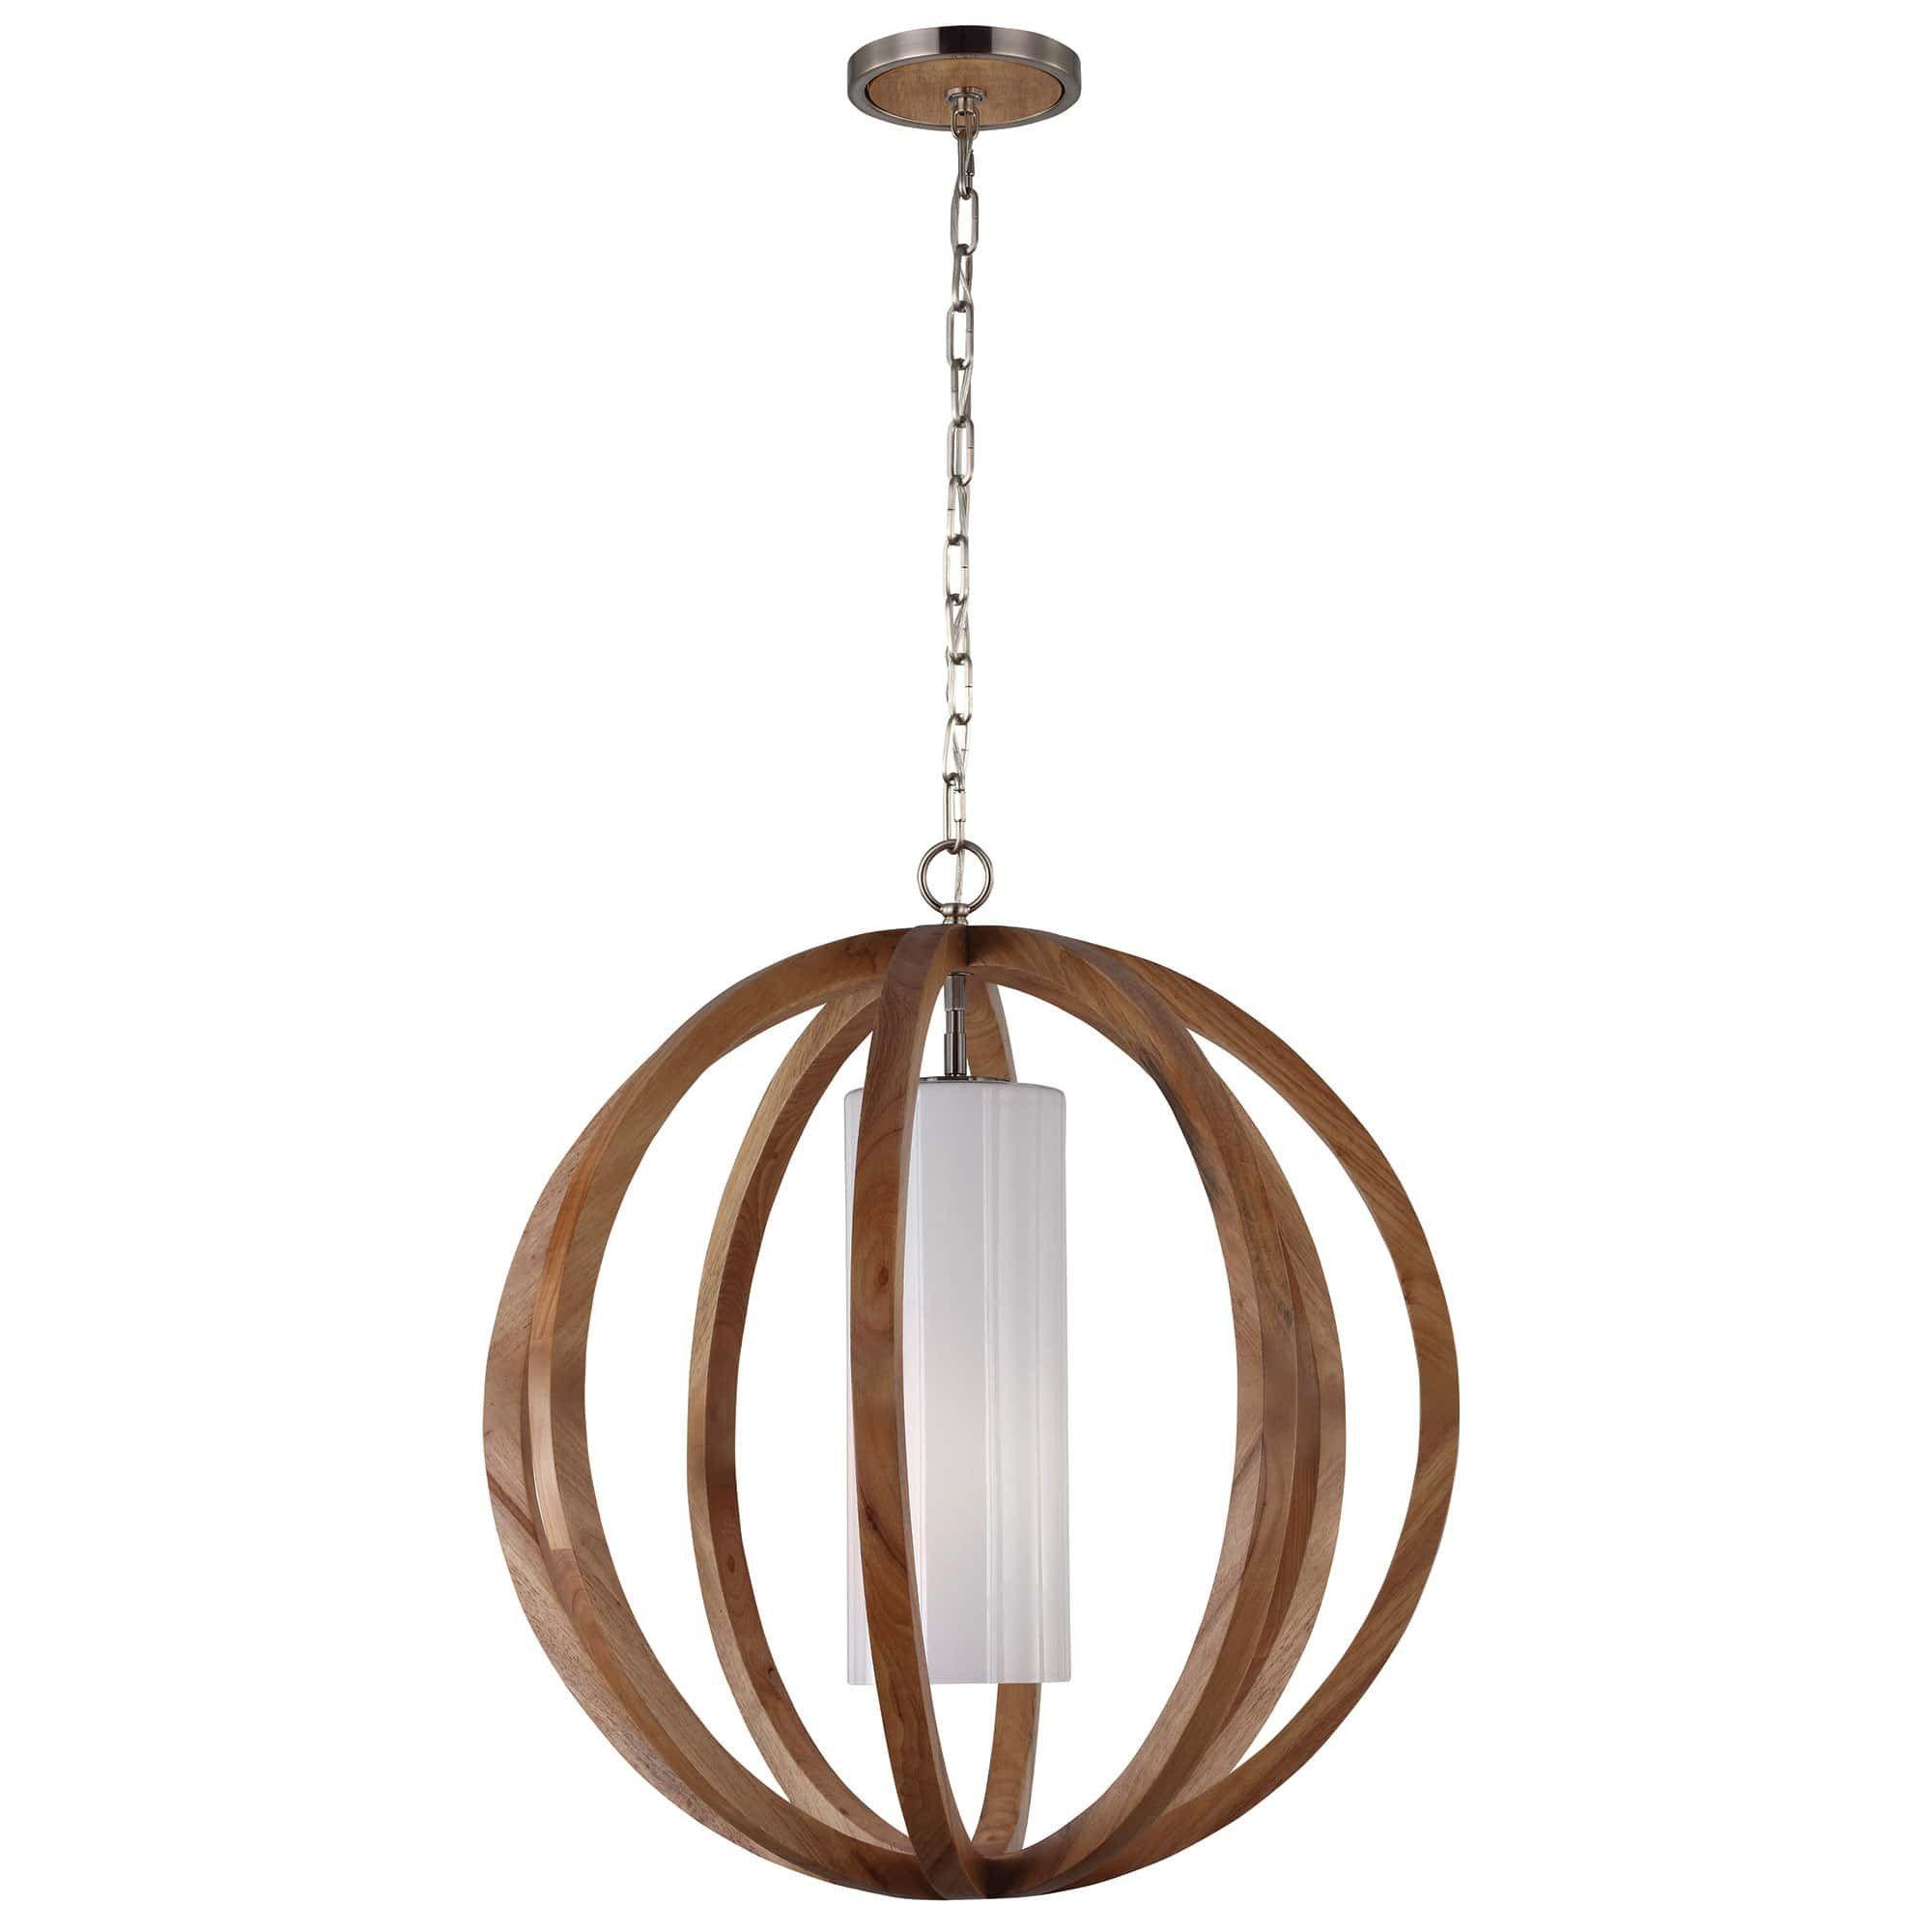 feiss allier 1 light wood steel globe pendant light from chandelier shack - Globe Pendant Light